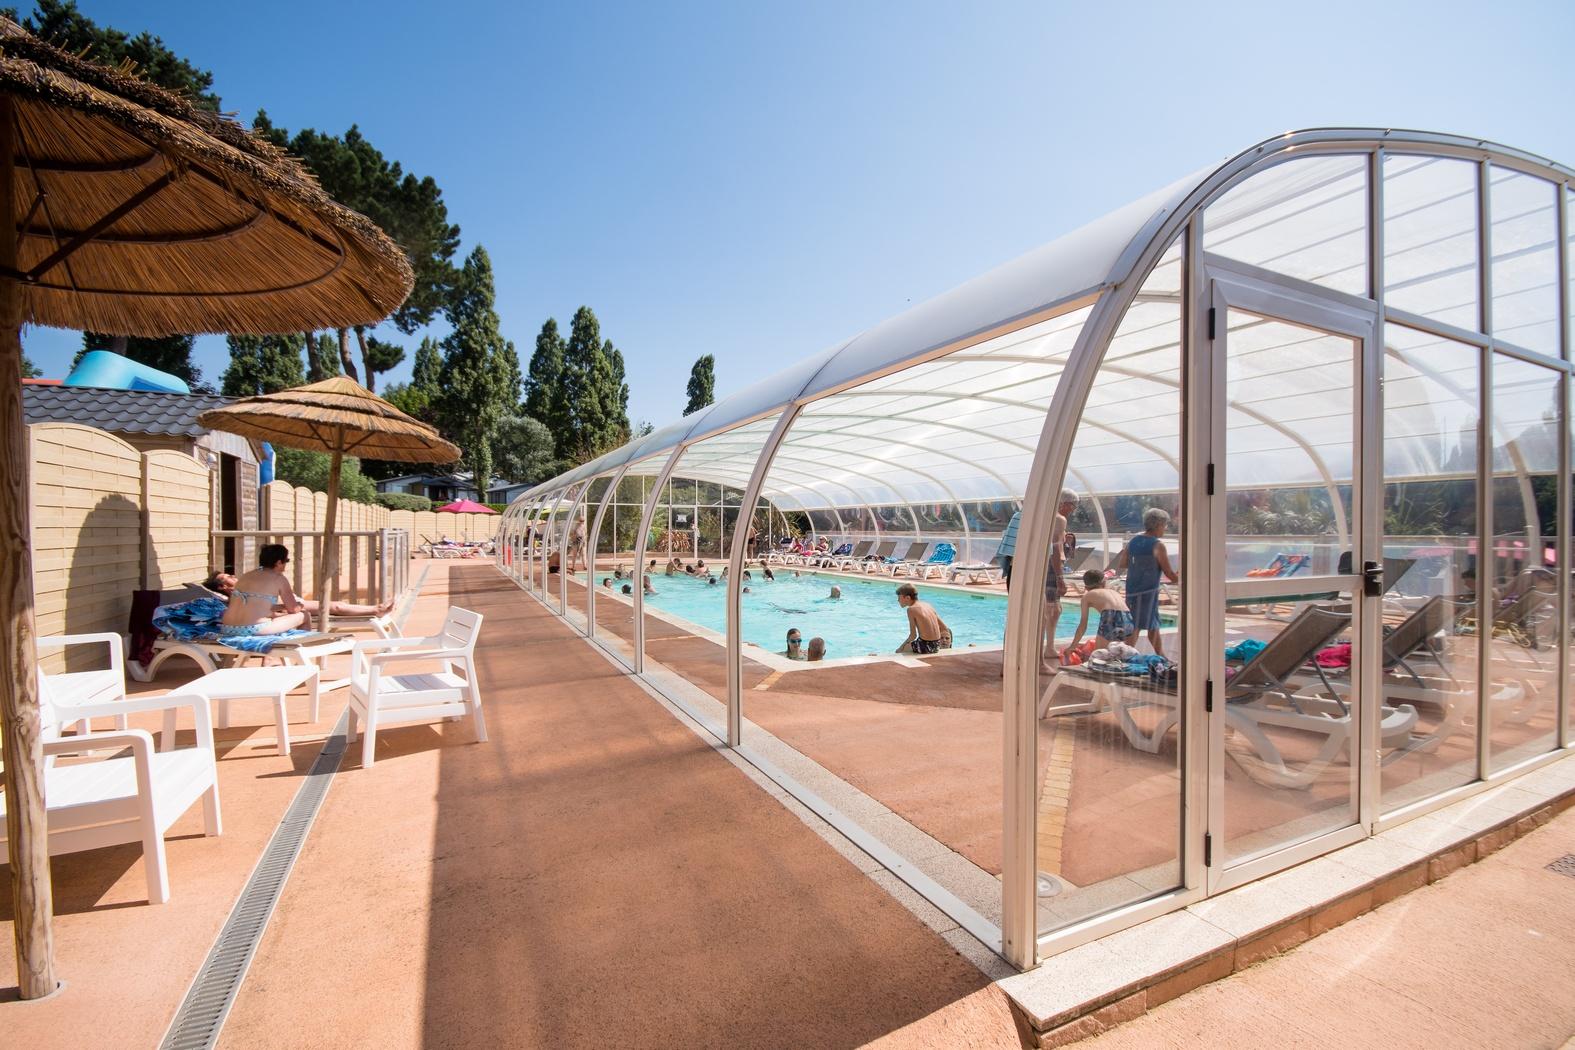 Camping bretagne avec piscine couverte chauff e camping - Camping roscoff avec piscine couverte ...